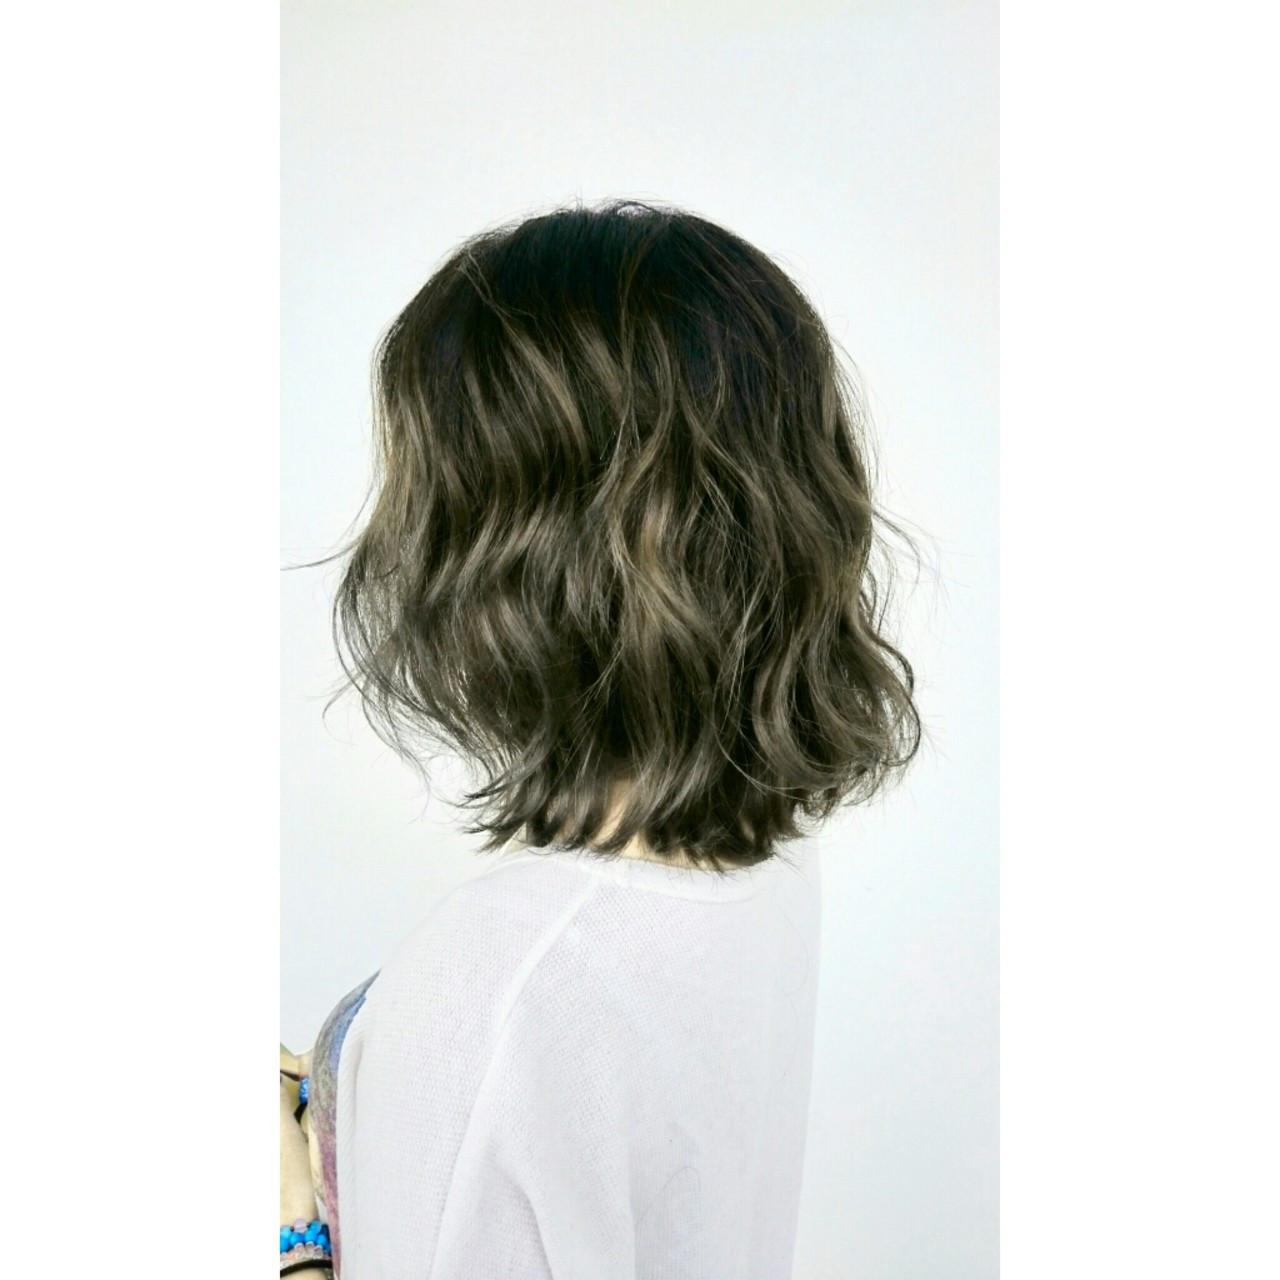 カーキアッシュ ストリート 波ウェーブ ボブ ヘアスタイルや髪型の写真・画像